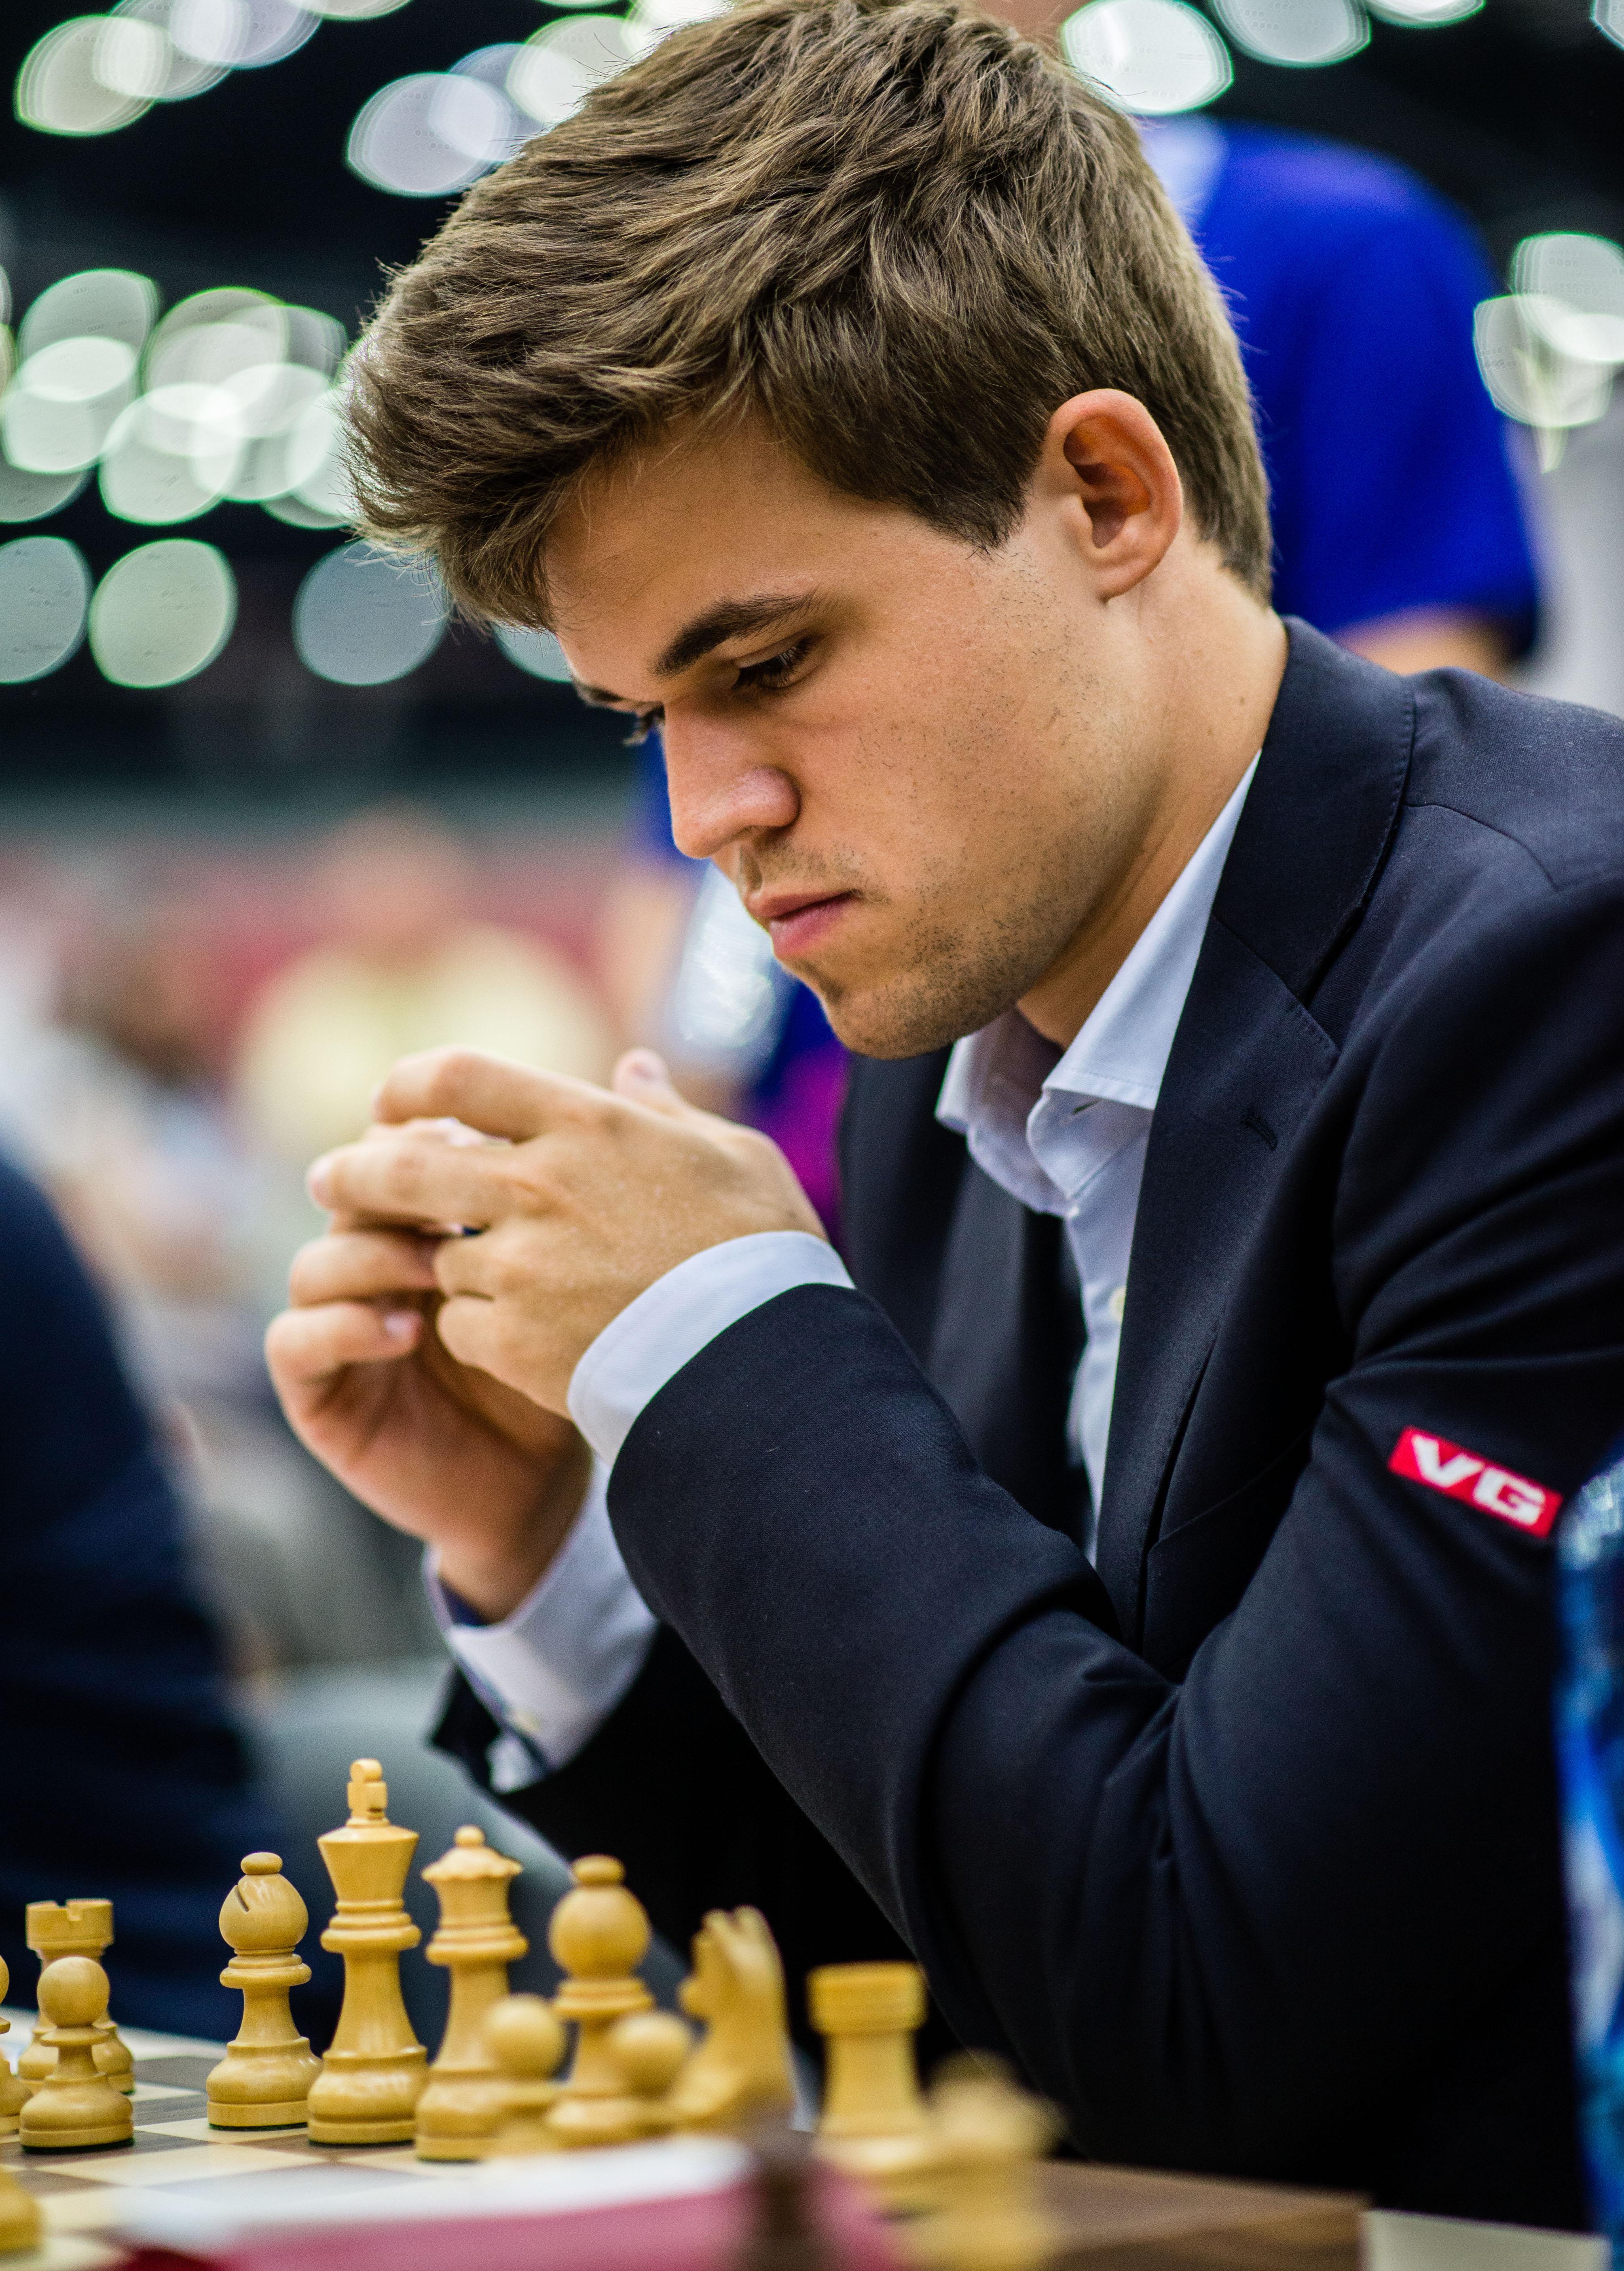 Magnus Carlsen - braucht keine Schachcomputer mehr